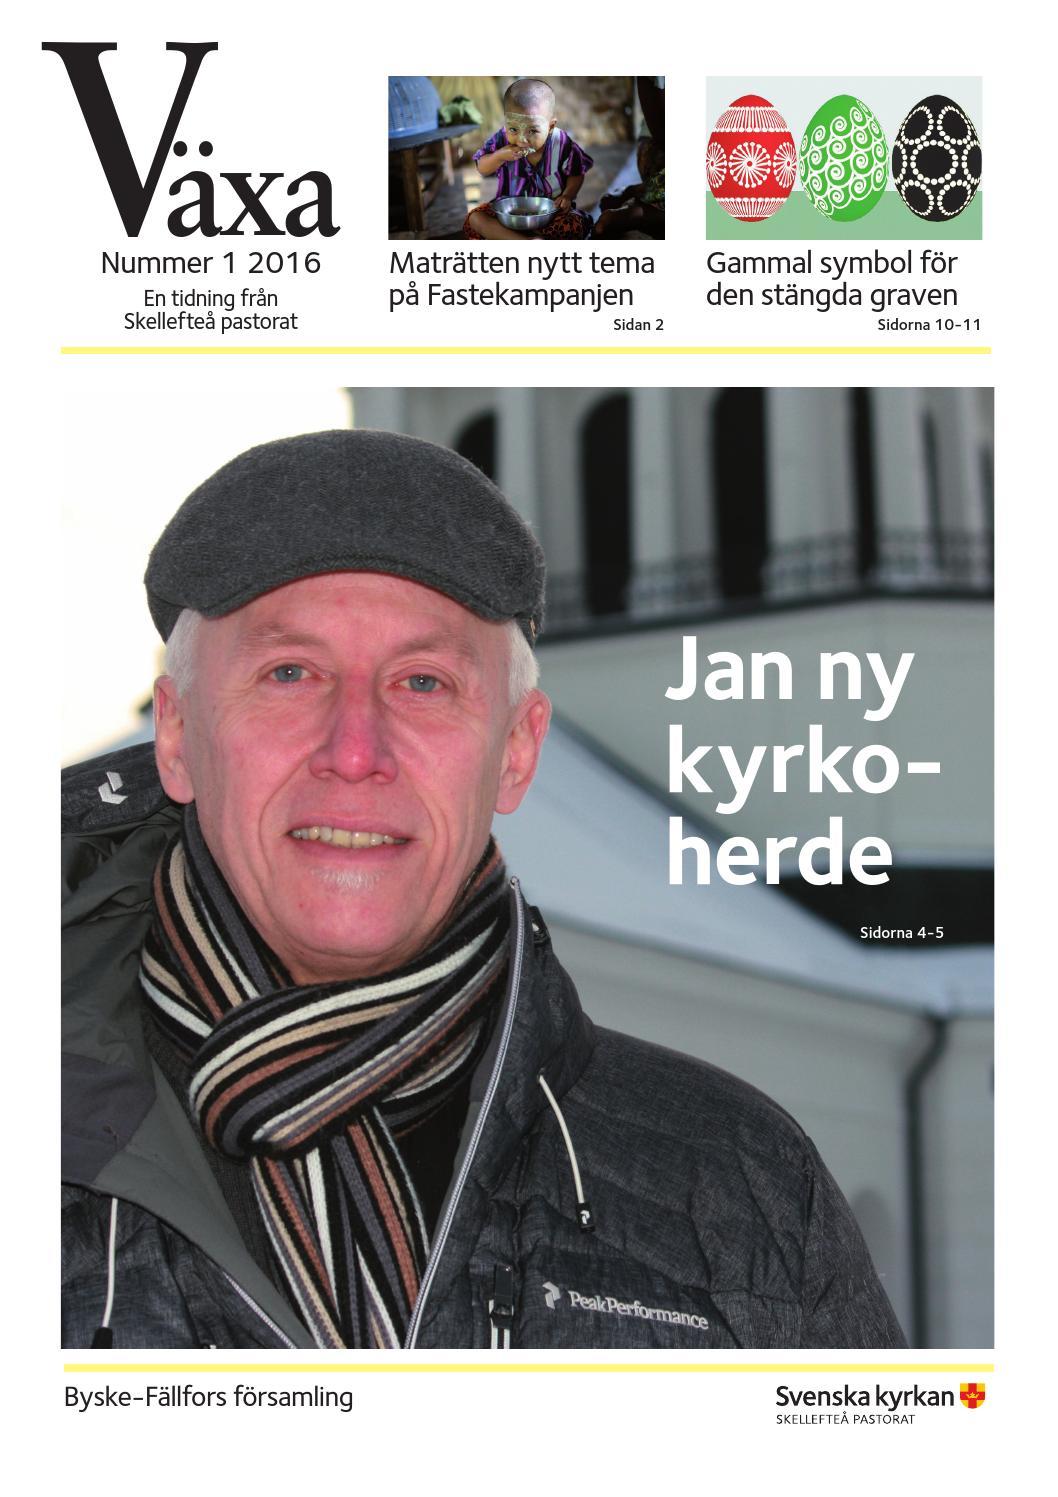 Krledare/Musiker 70 % - Frsamling Kgedalen - Vakanser